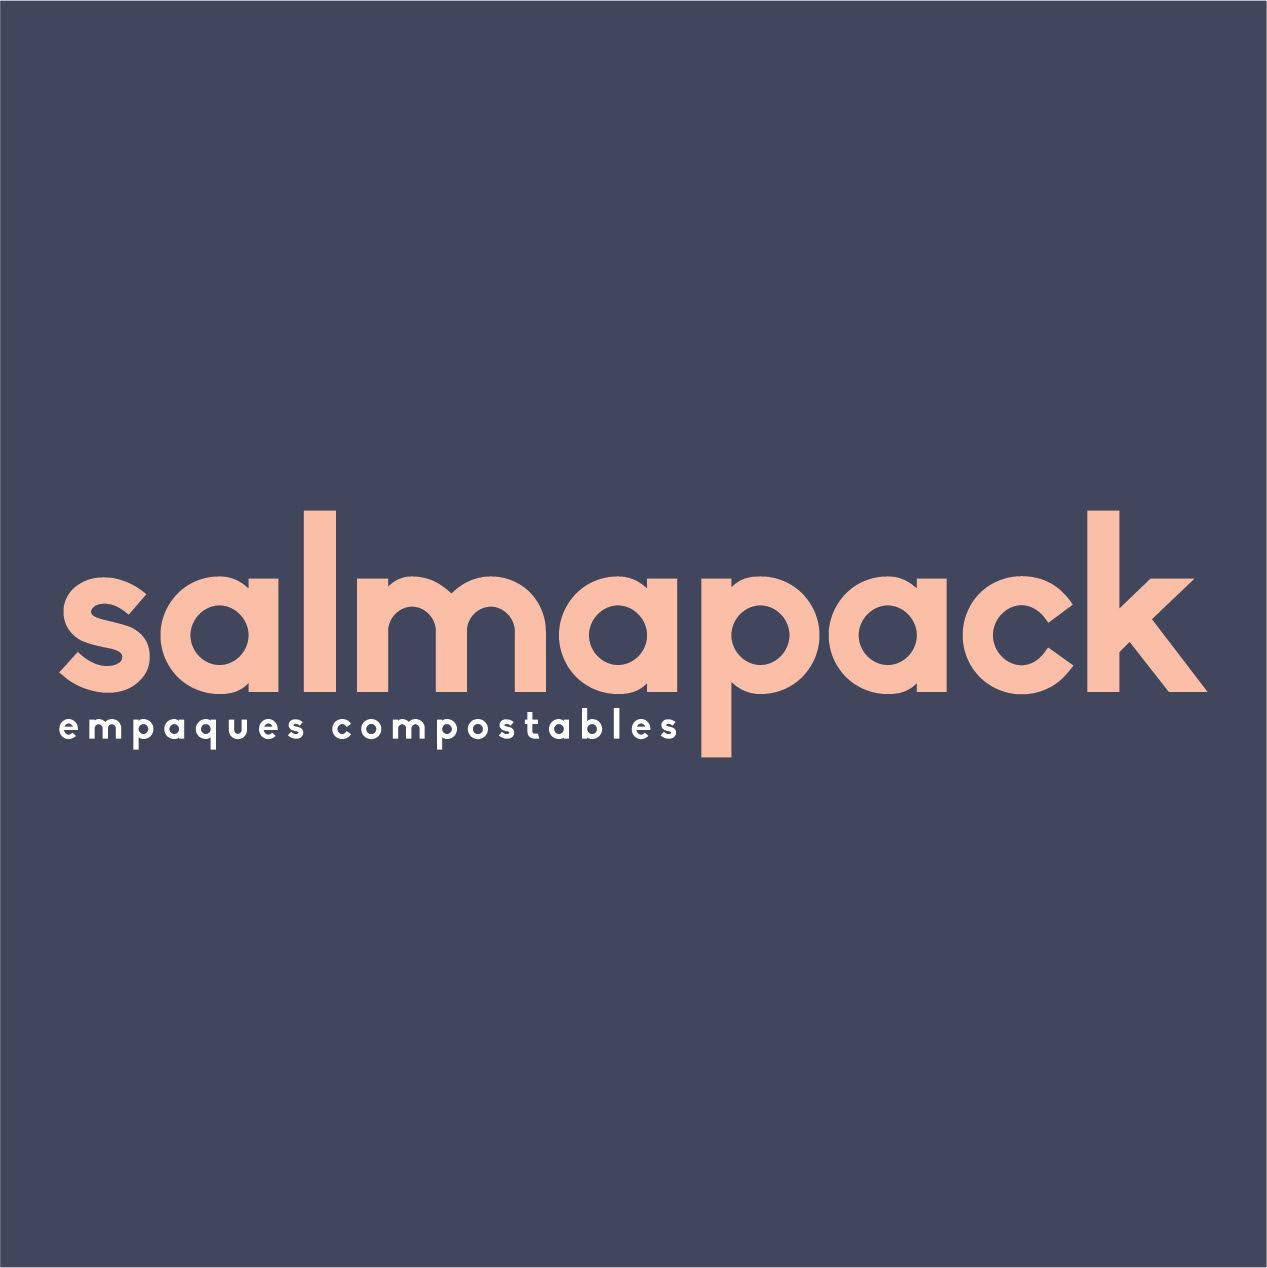 LOGO SALMAPACK.jpg